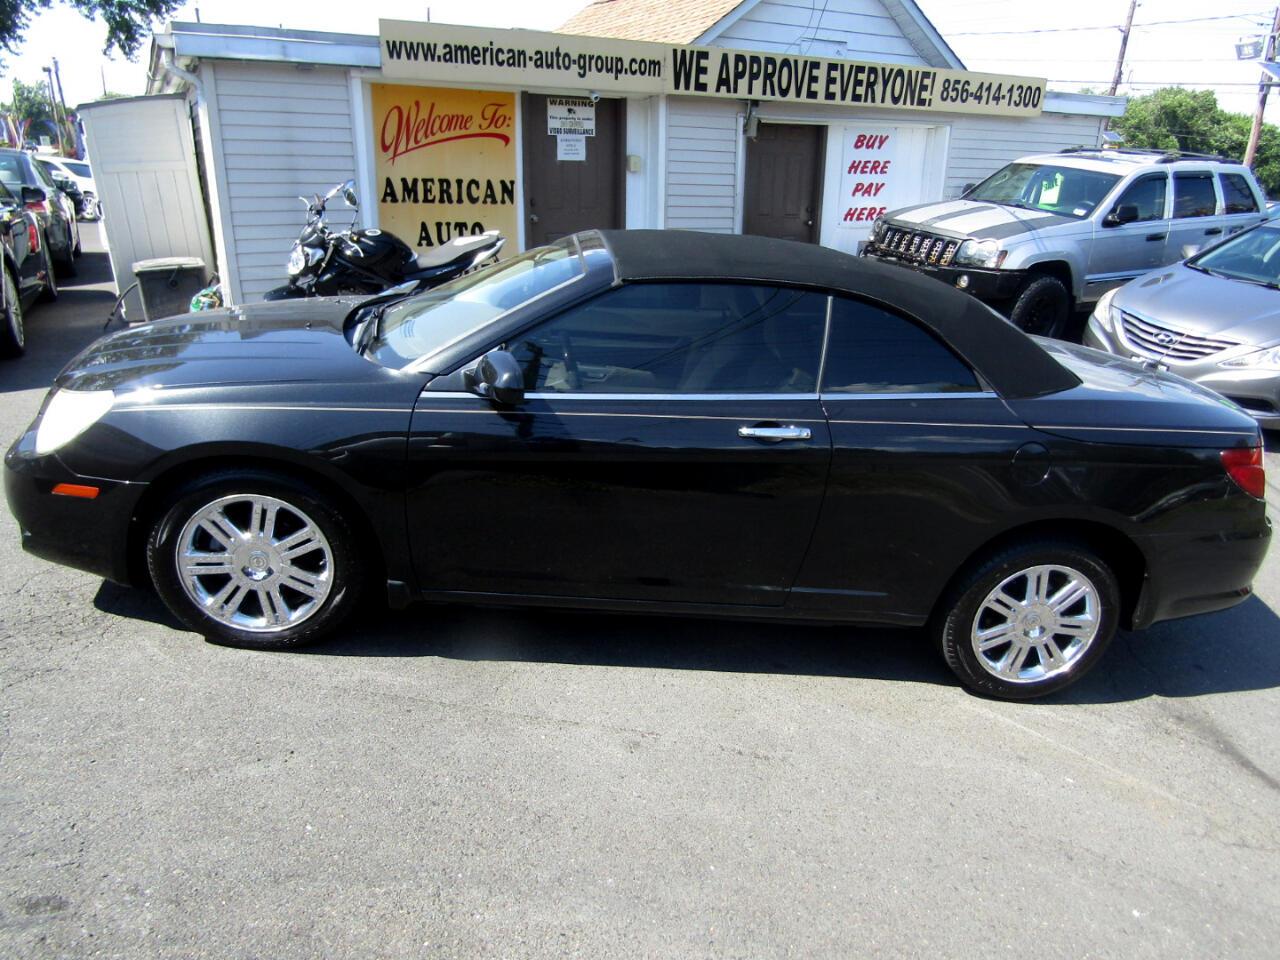 Chrysler Sebring 2dr Conv Limited FWD 2008